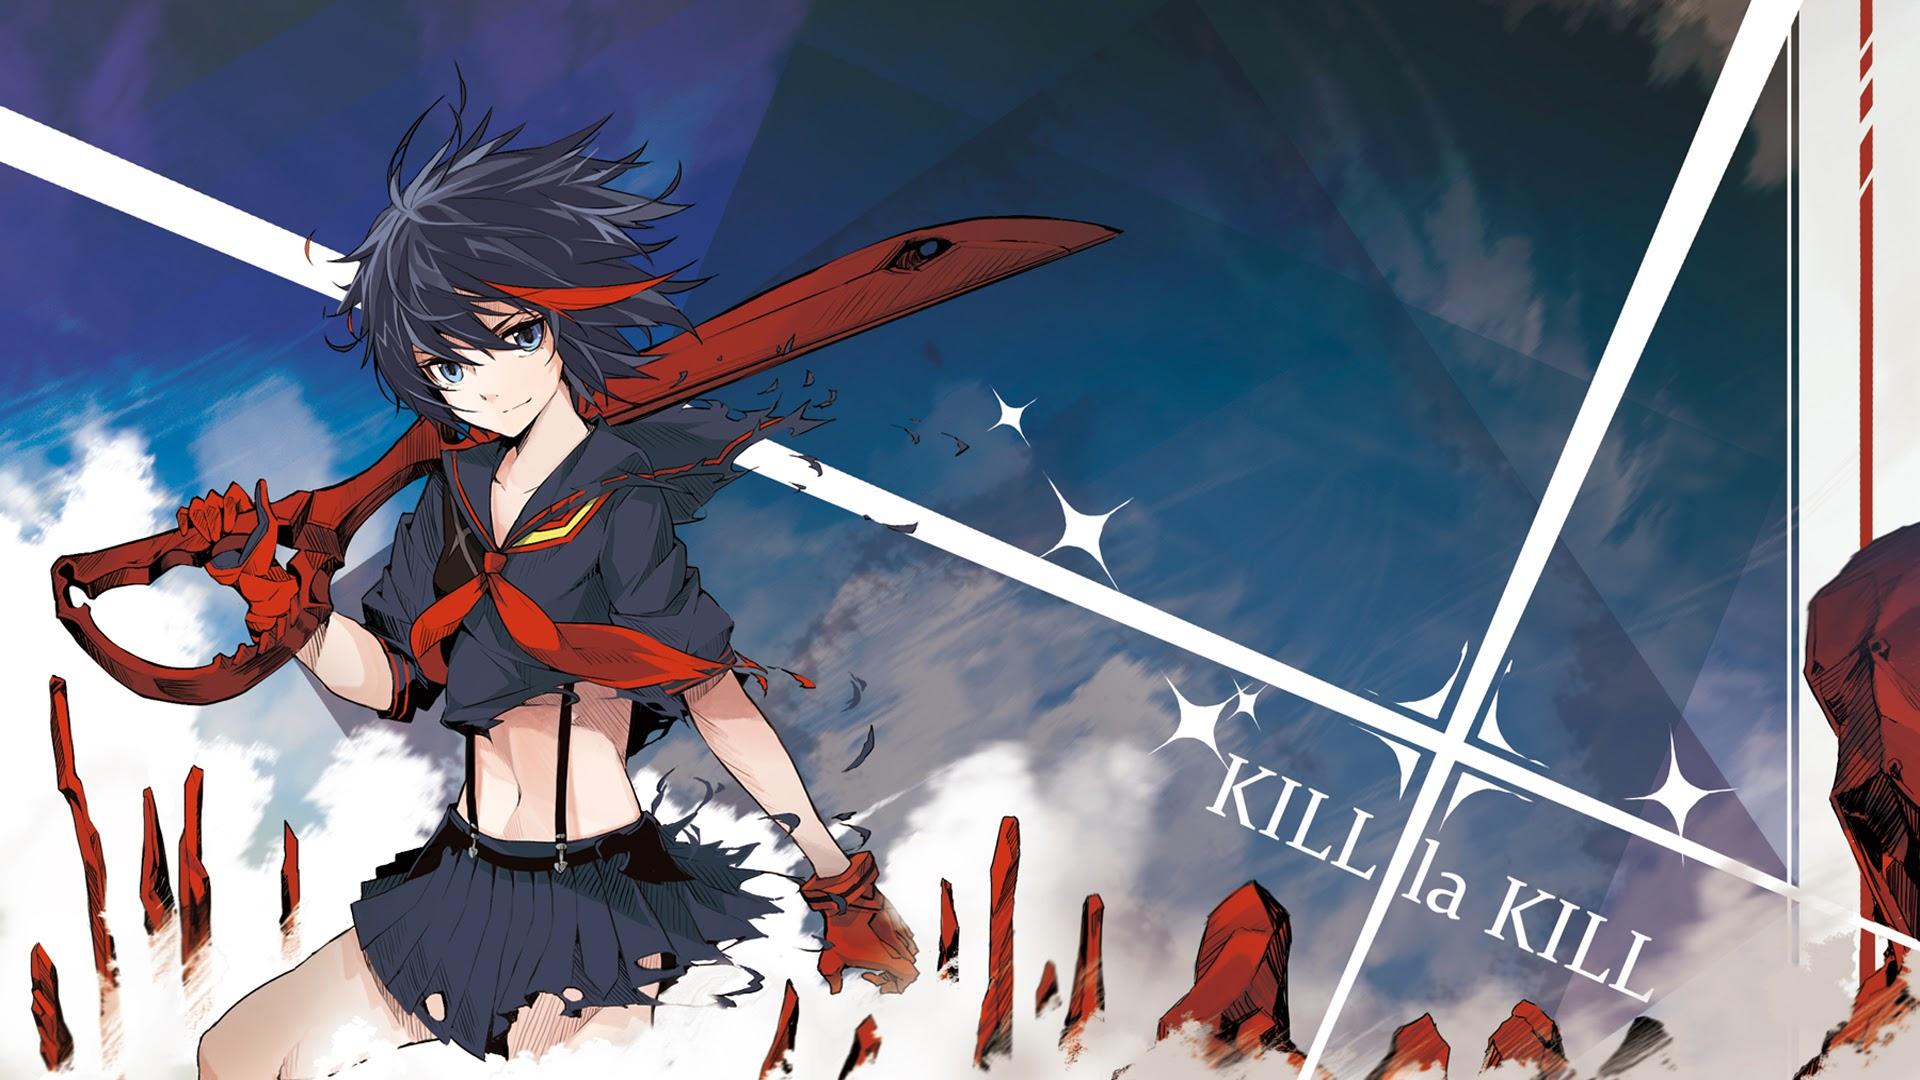 matoi ryuko kill la kill anime girl picture hd wallpaper 1920x1080 4h 1920x1080